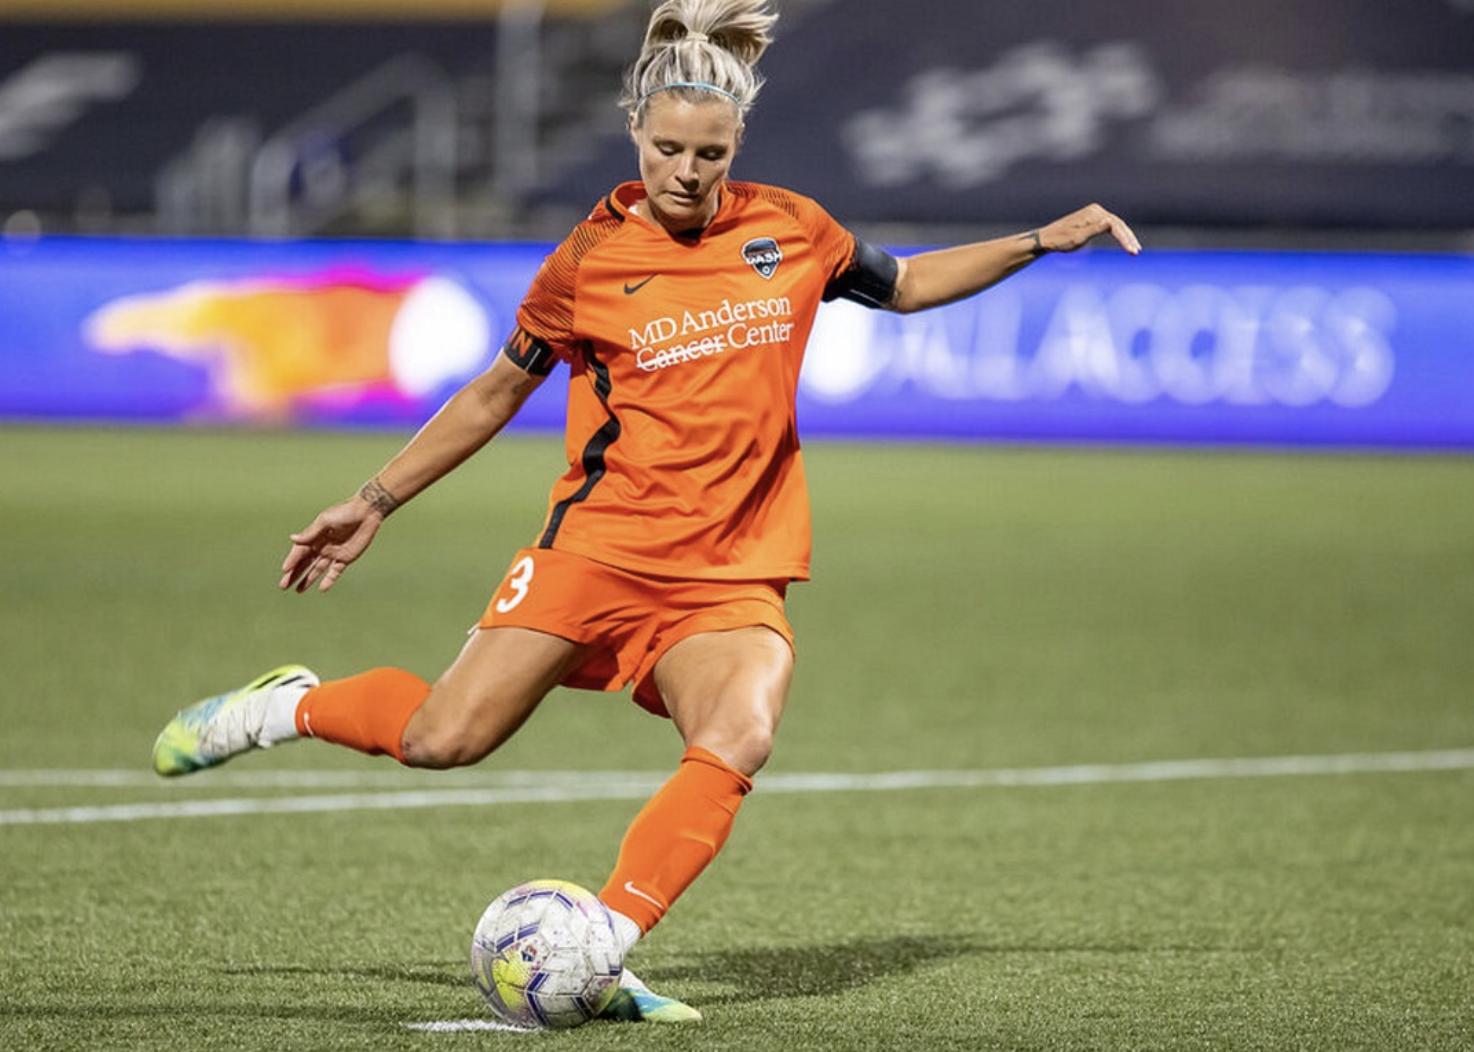 Надежда новороссийского футбола: женская команда вышла в полуфинал Чемпионата первой лиги Первенства России